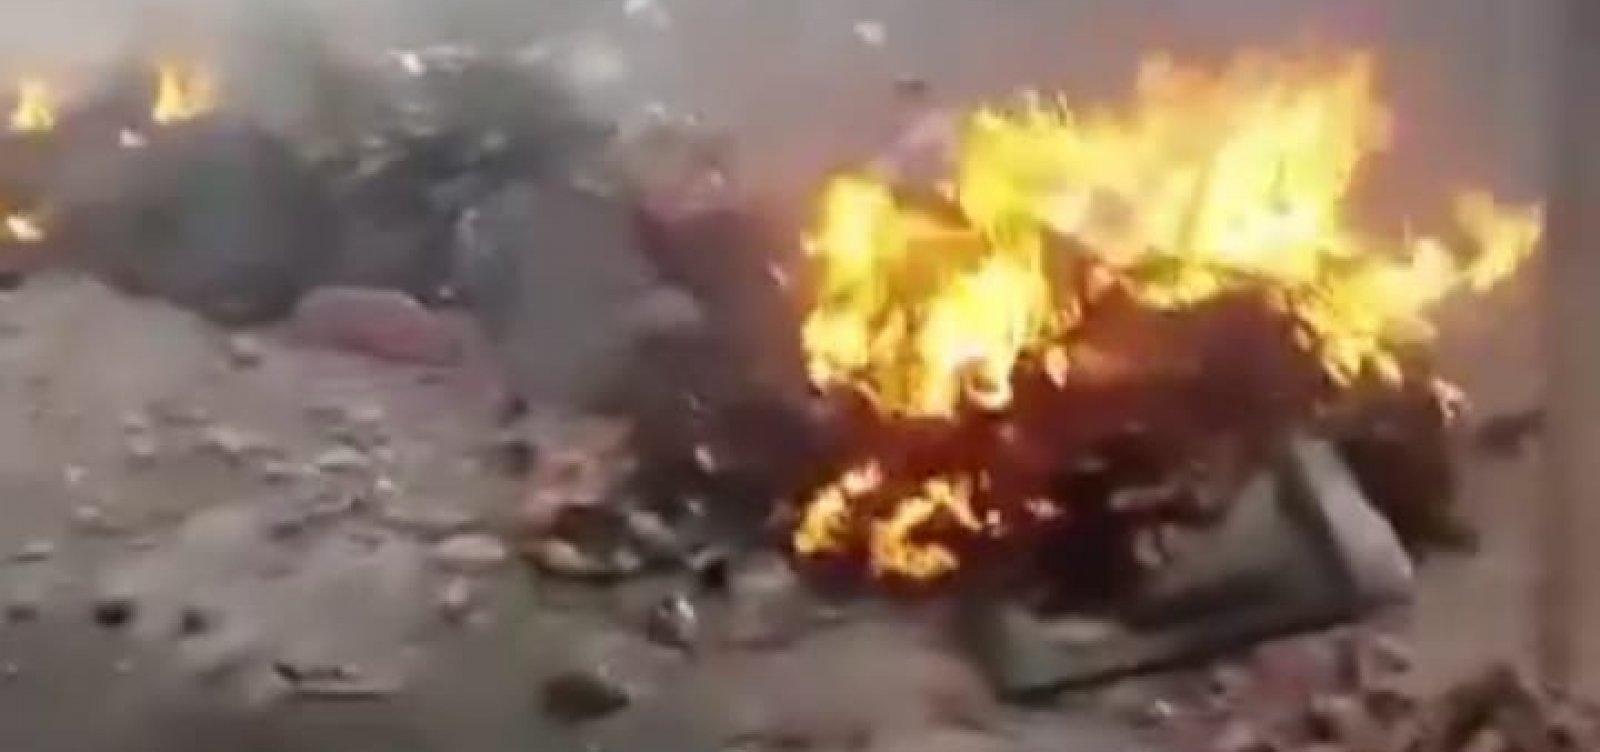 Moradores de Capelinha protestam e pedem justiça para vítimas de ataque armado